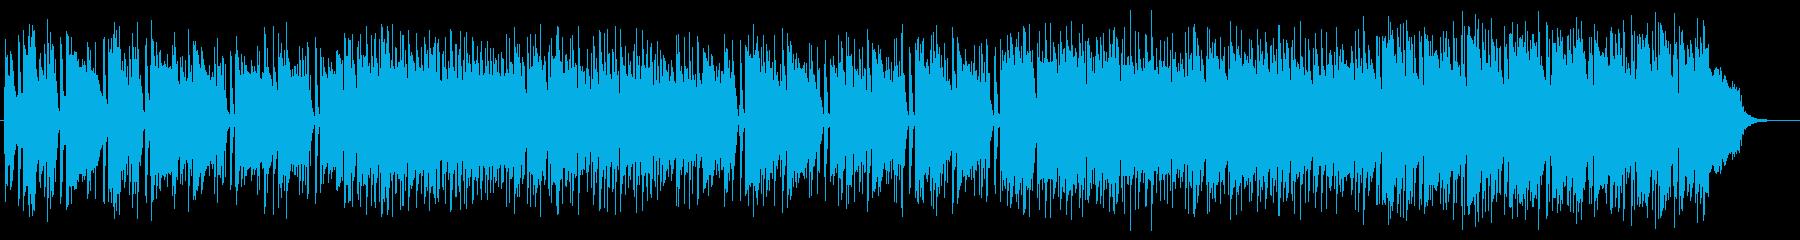 まったりと優雅なジャズサウンドの再生済みの波形